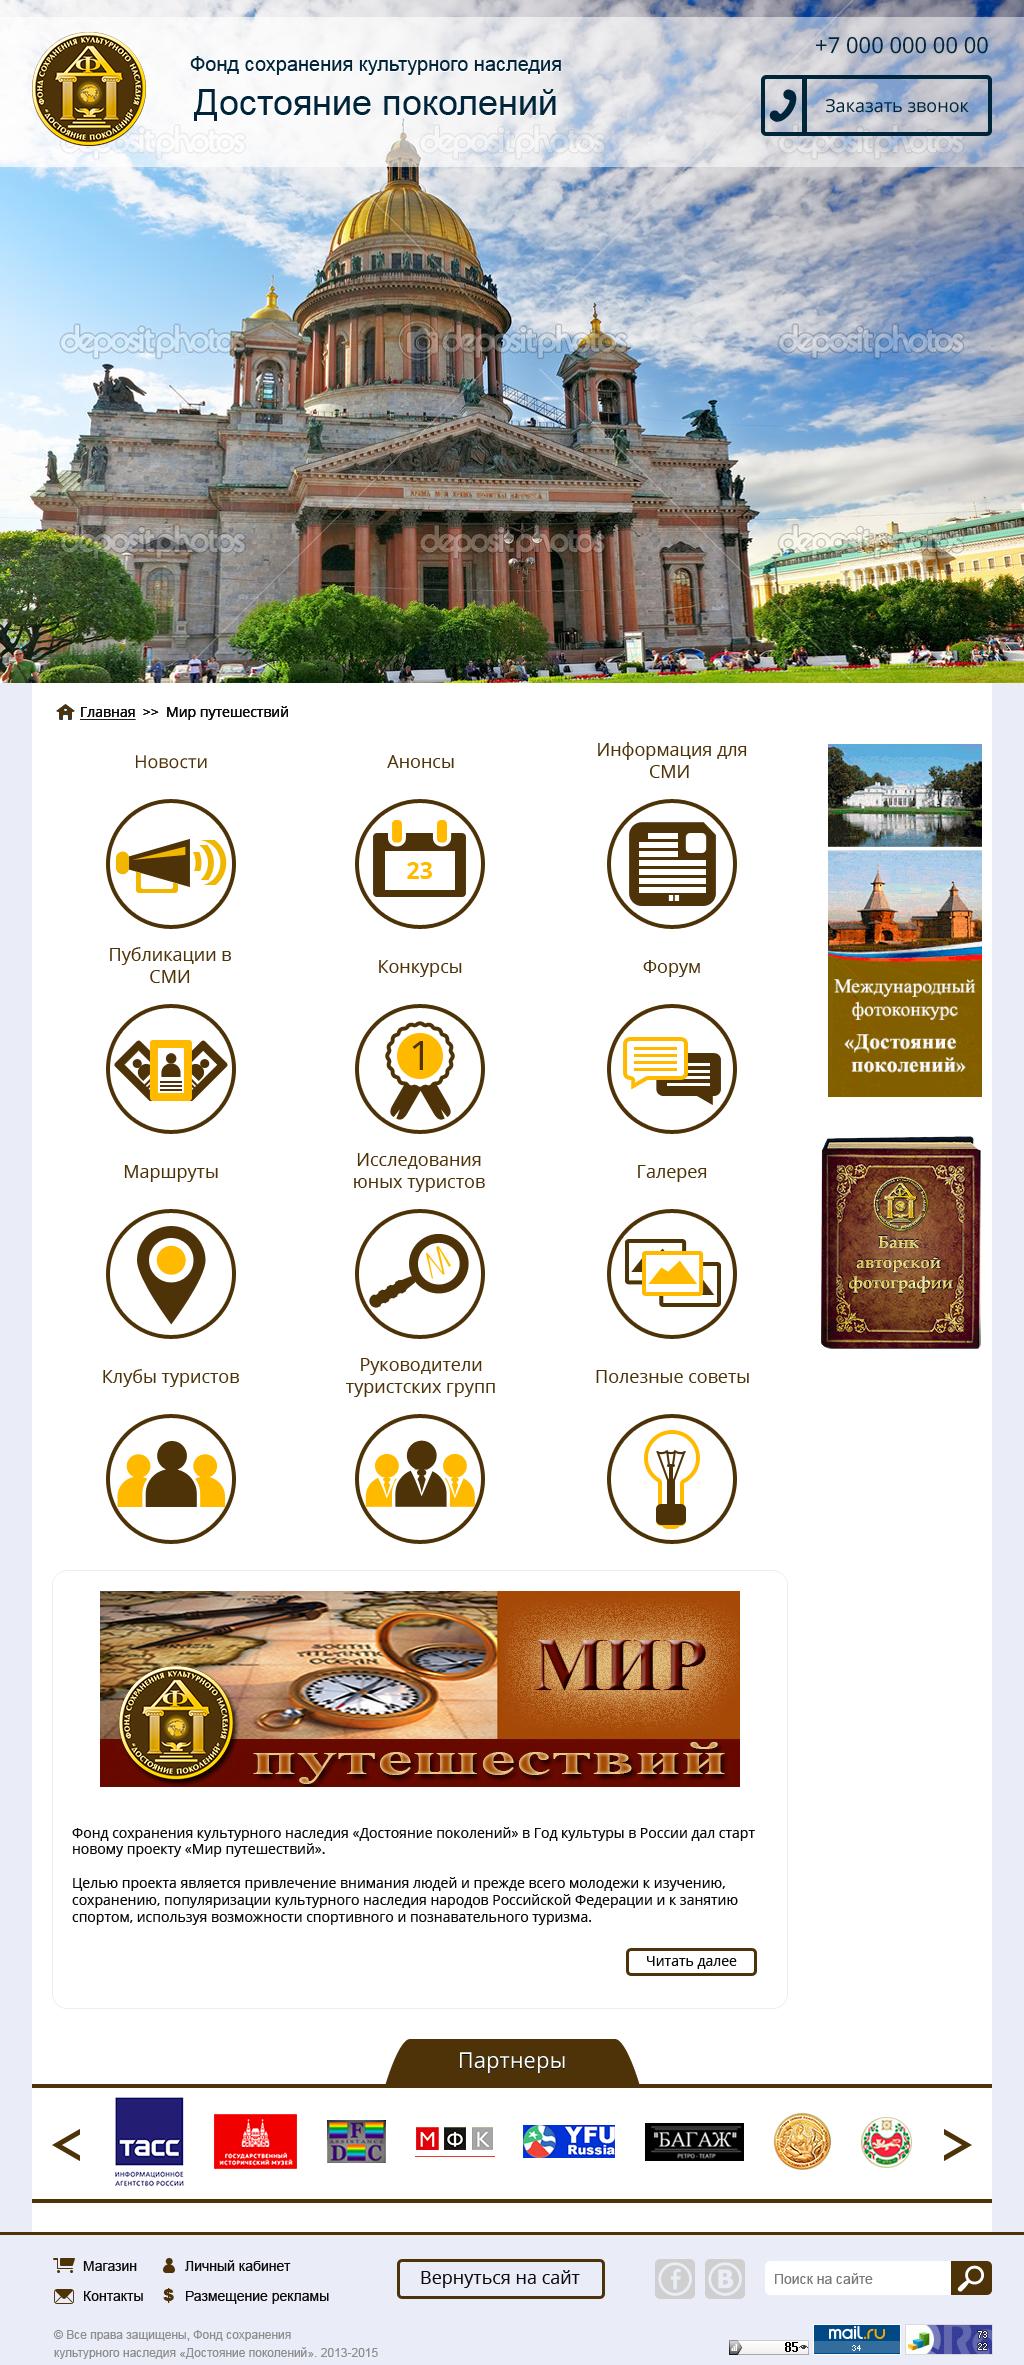 Дизайн сайта. Фонд сохранения культурного наследия